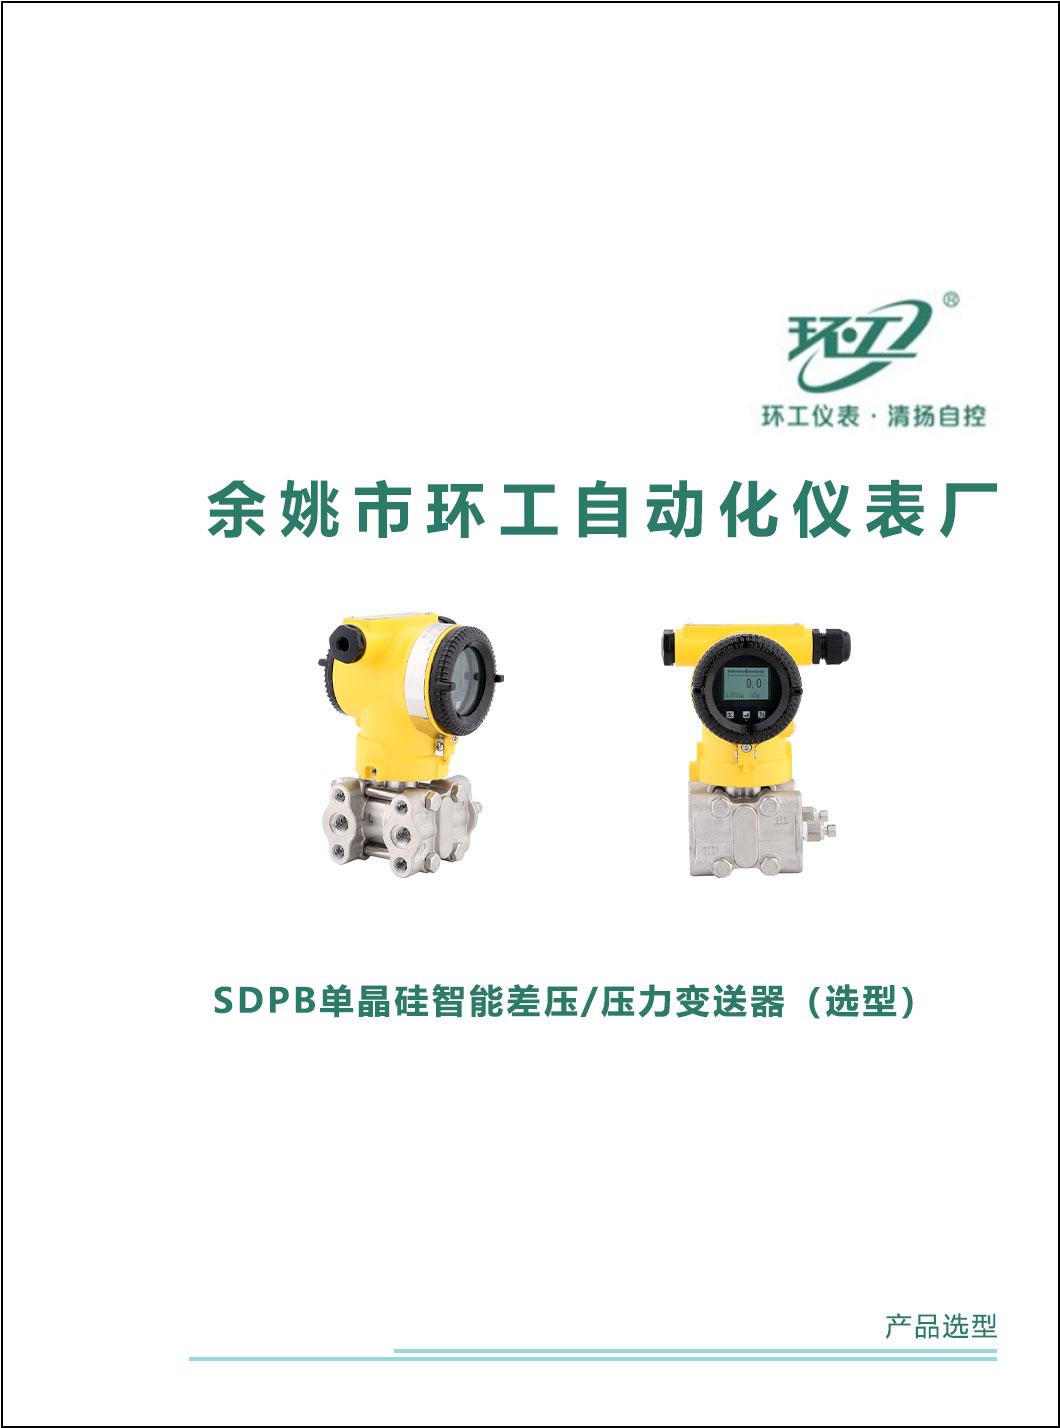 SDPB单晶硅智能差压/压力变送器-环工仪表-清扬自控